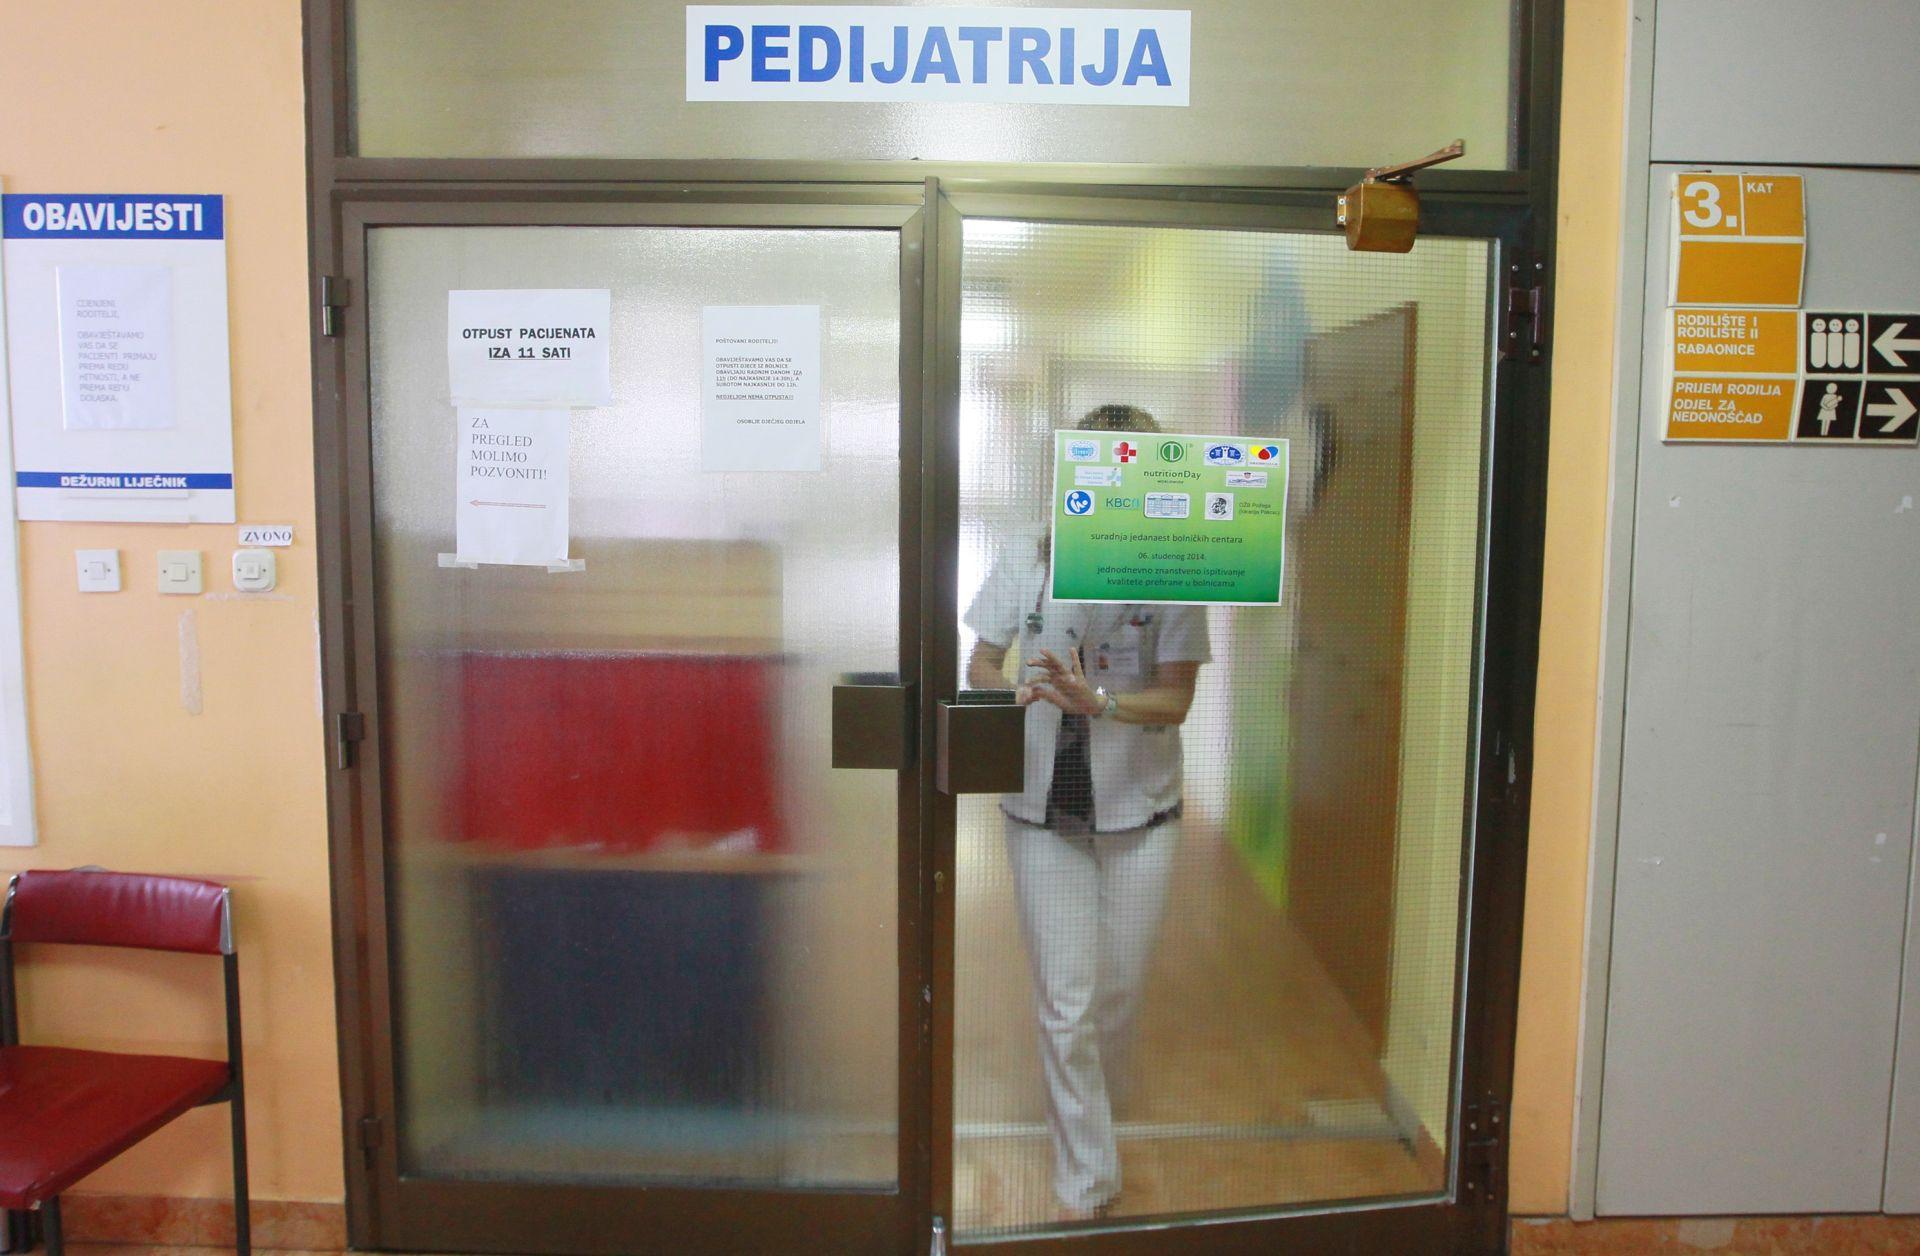 Alarmantno stanje zbog manjka pedijatara